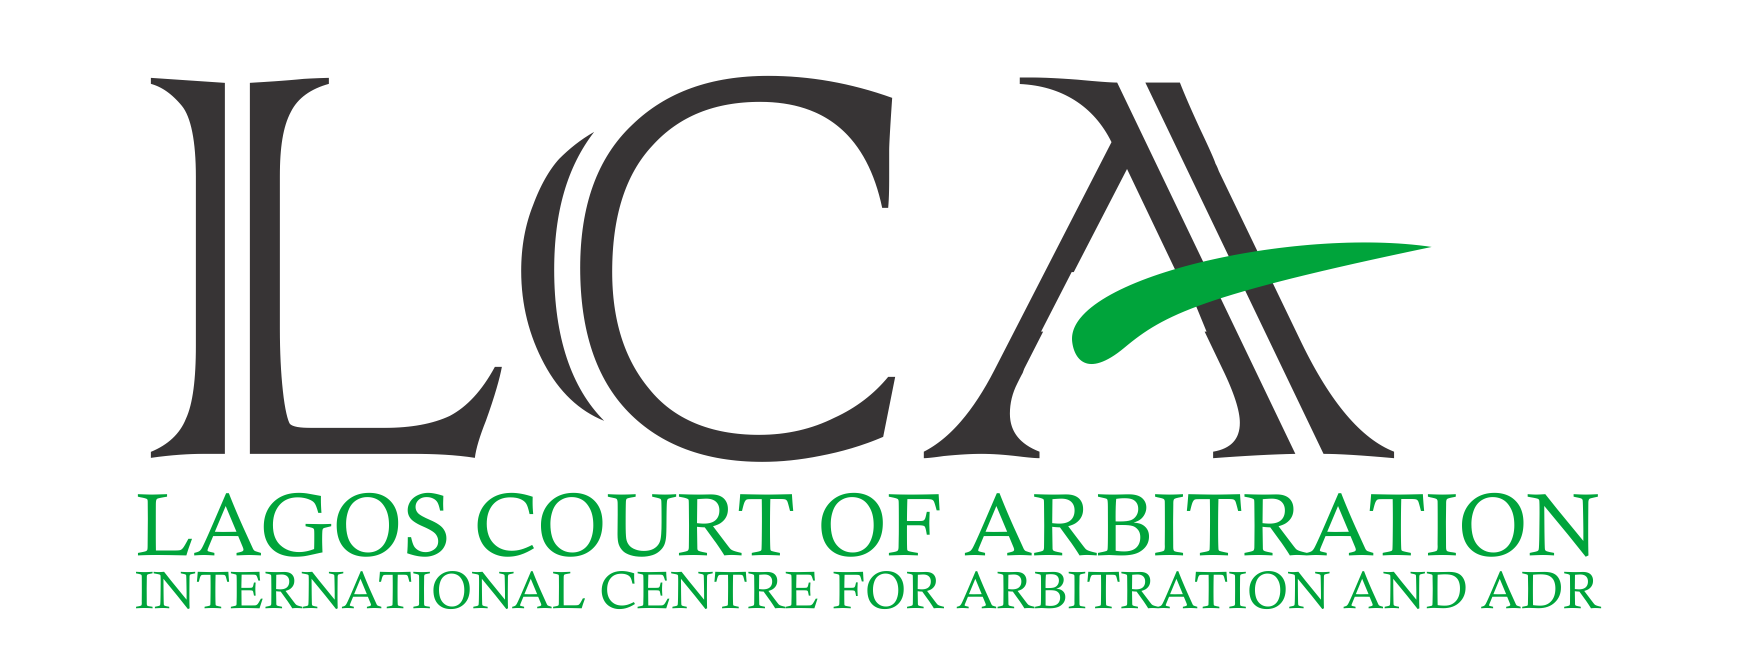 LCA-Logo-cropped.png